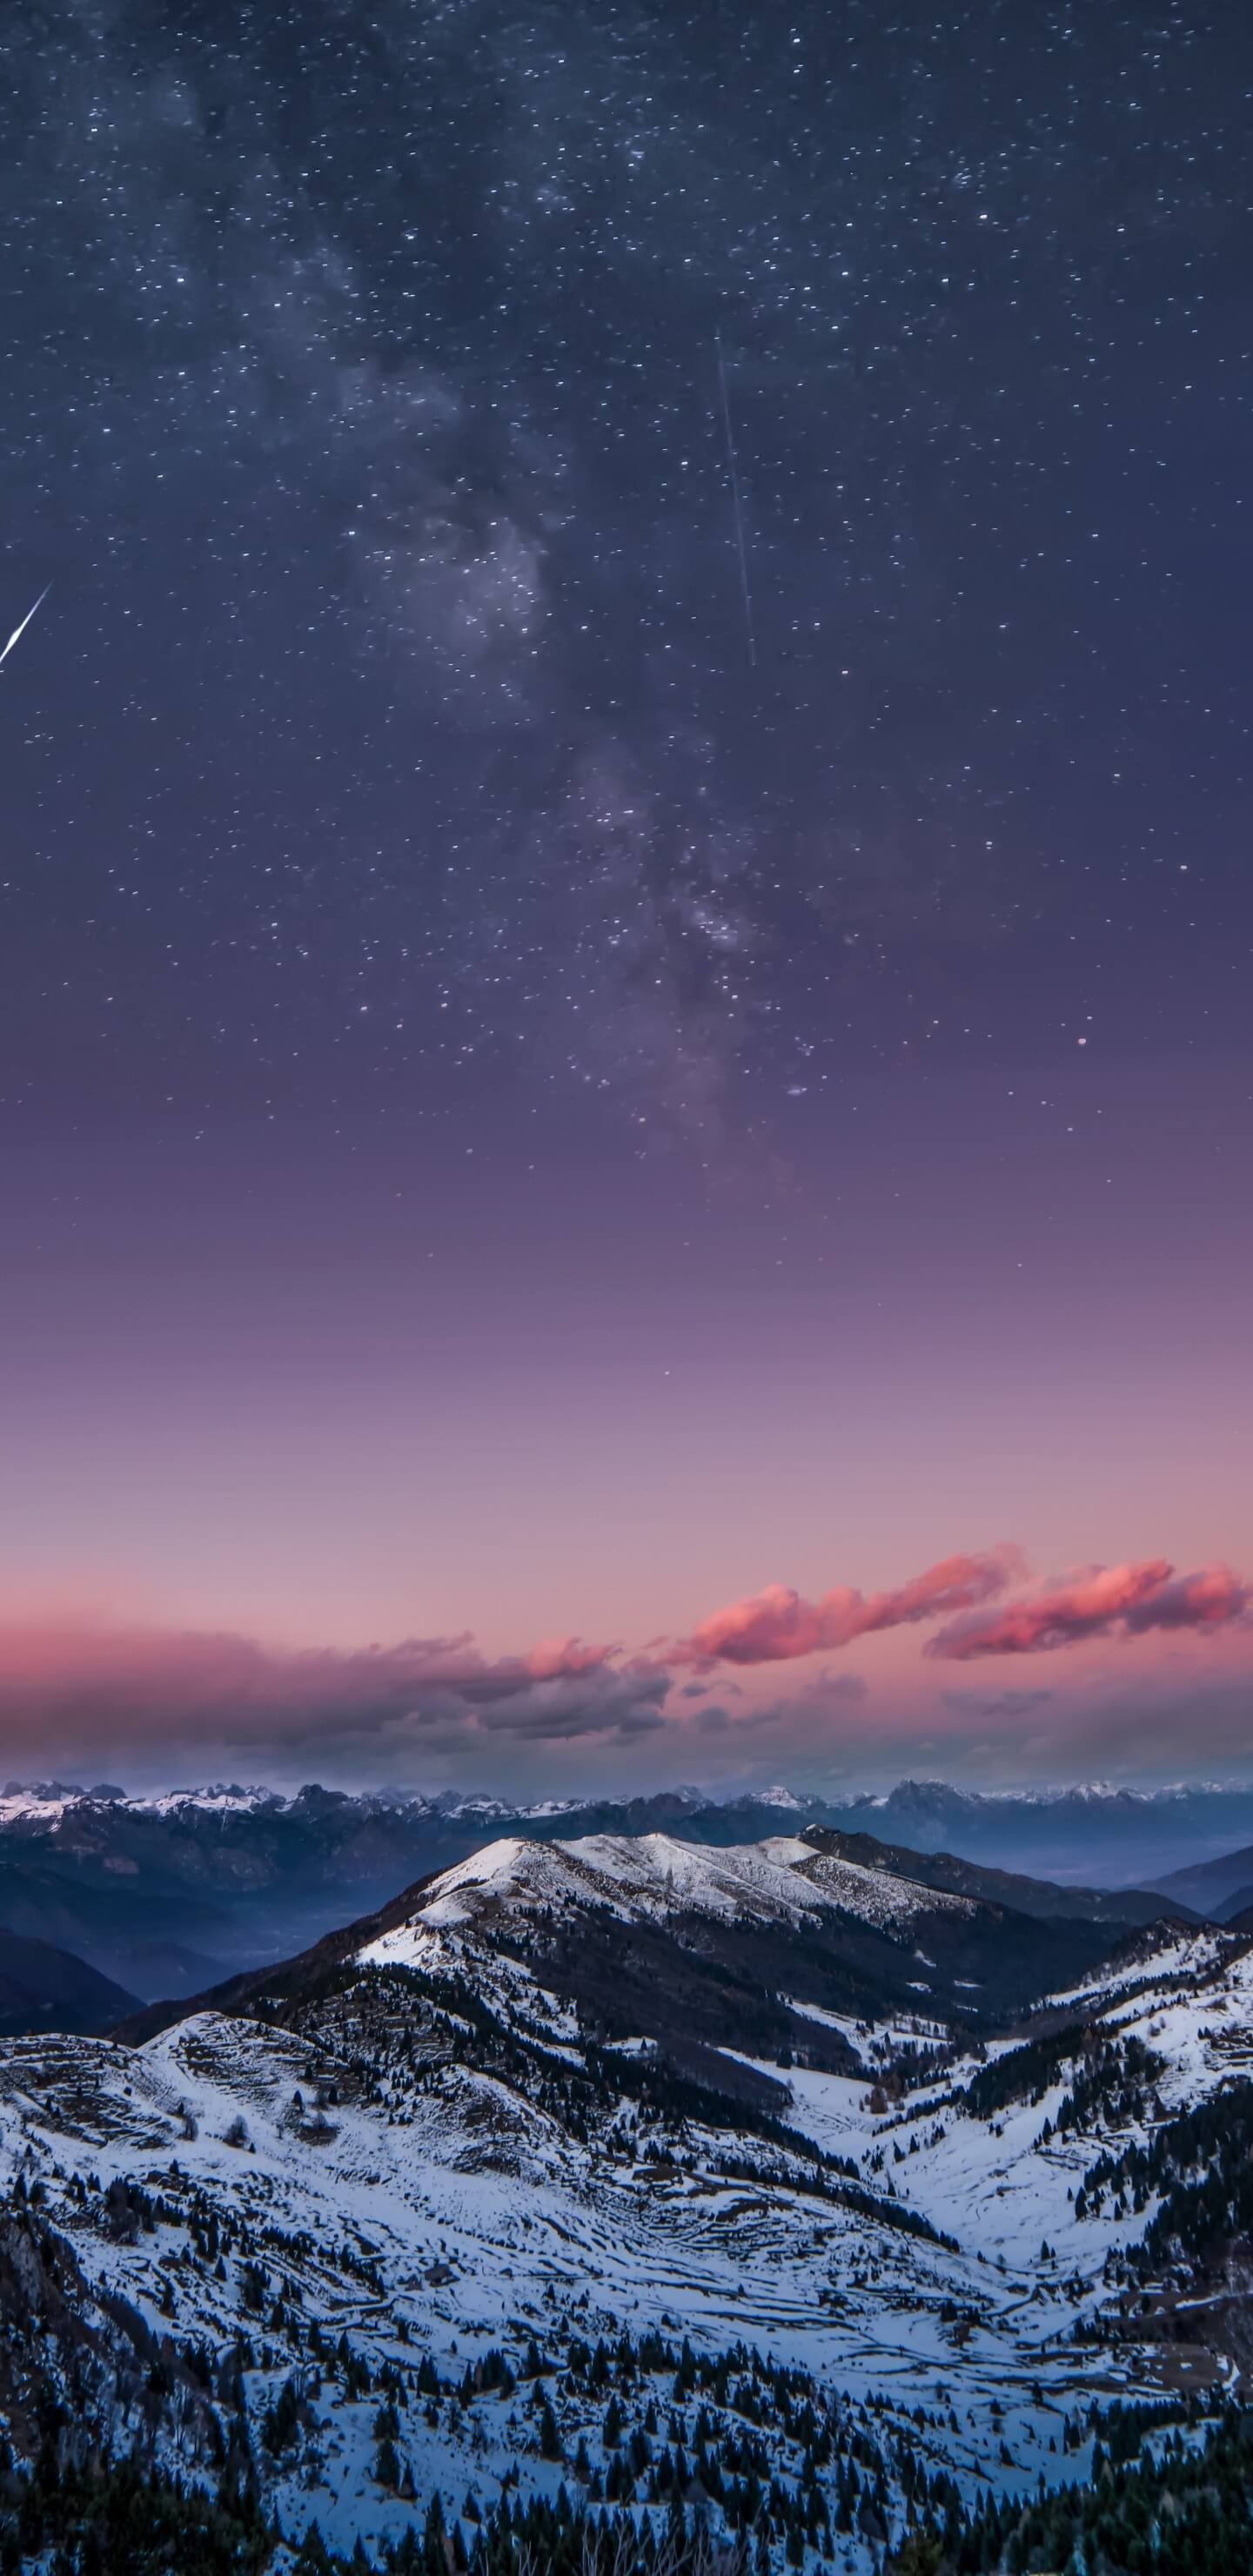 Iphone 11 Wallpaper Mountains 1440x2960 Download Hd Wallpaper Wallpapertip